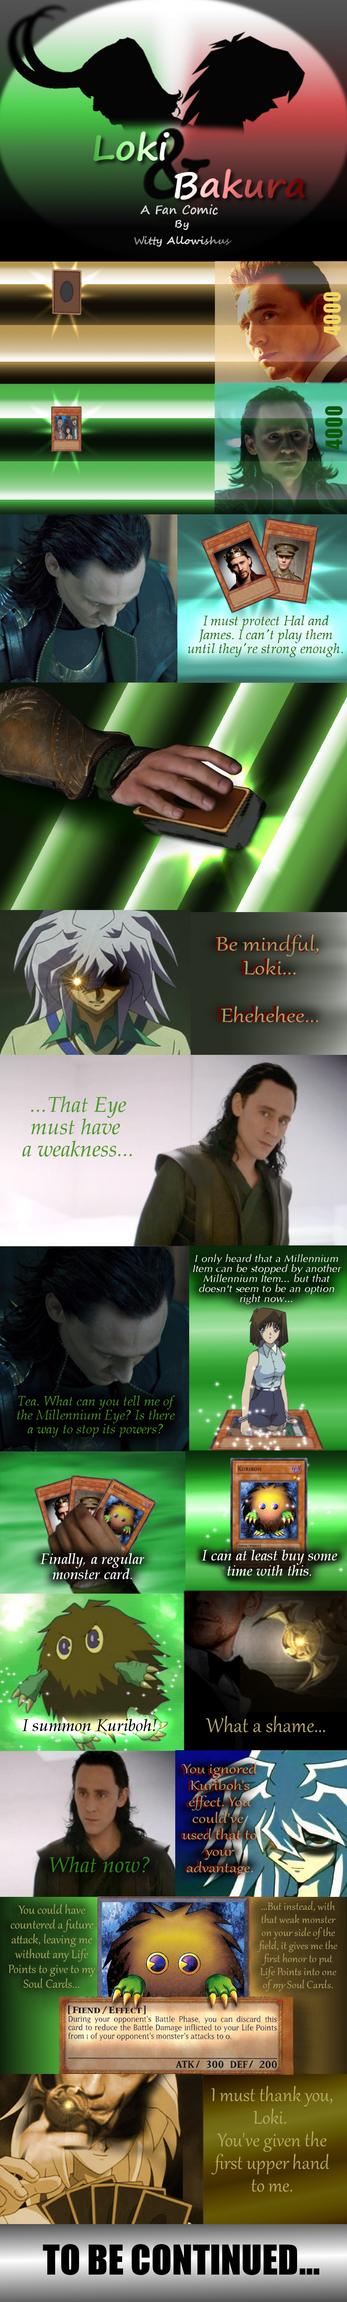 Loki and Bakura XL - The Upper Hand by Loki-Bakura